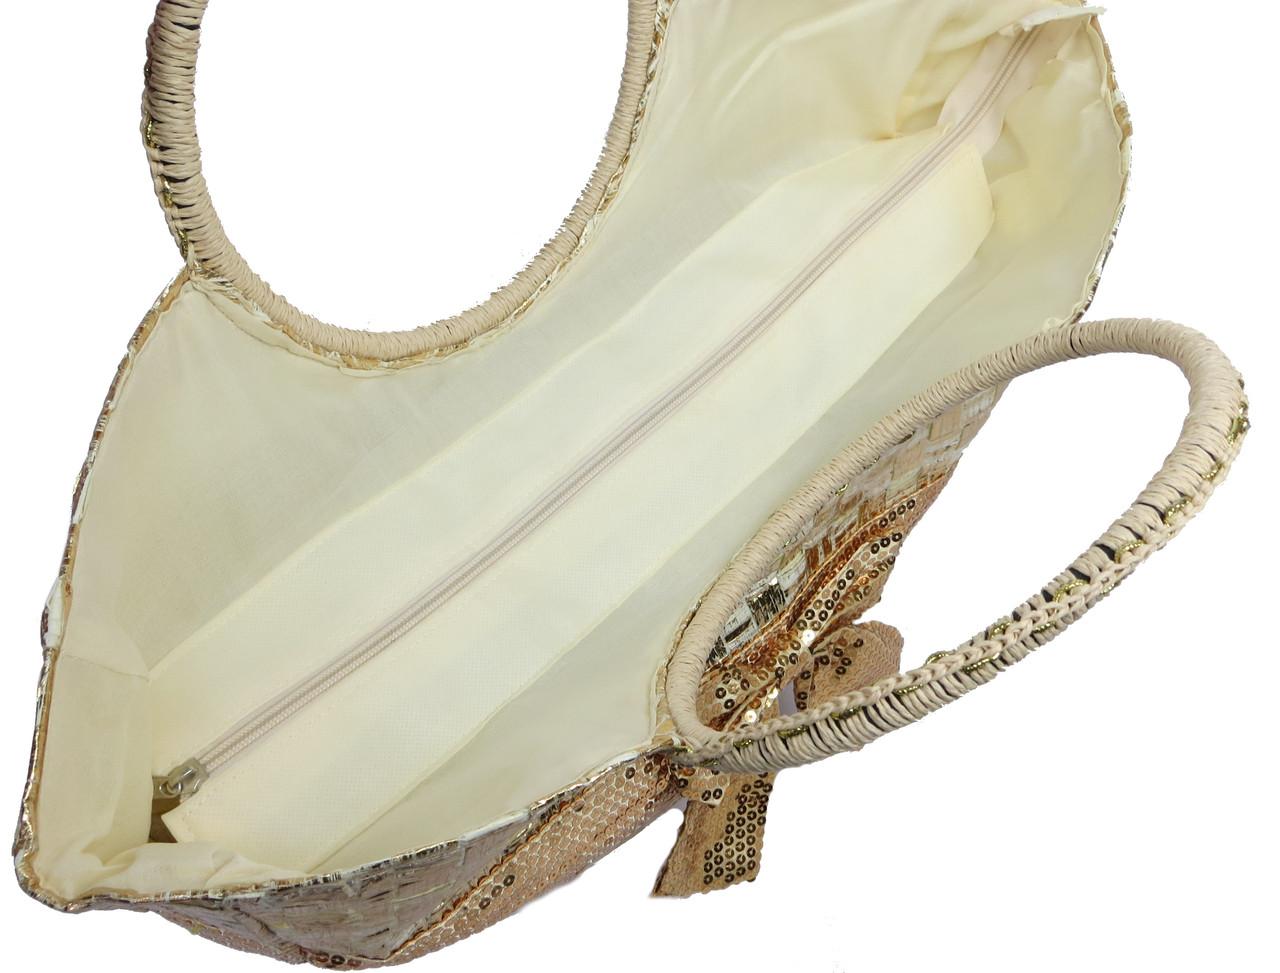 6a3f3ecd4bc5 Женская сумка соломенная Podium PC7167-1 natural gold , цена 325,60 грн.,  купить в Киеве — Prom.ua (ID#328089333)